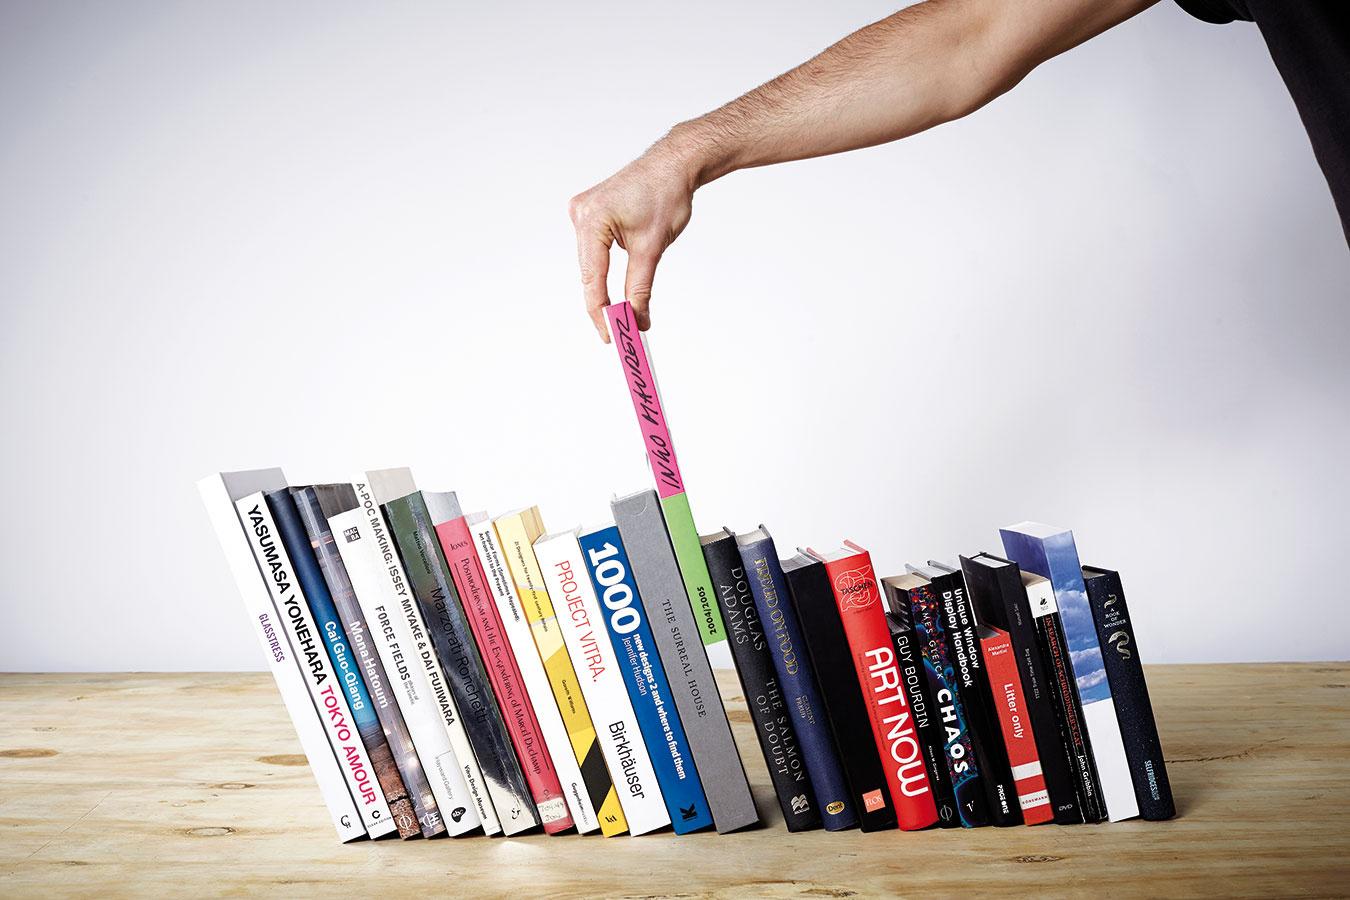 Malý zázrak. Vďaka neviditeľnej zarážke budú vaše knihy na polici pôsobiť naozaj štýlovo a nejednu vašu návštevu bude určite zaujímať, ako to funguje. Takáto zarážka udrží viac ako meter kníh rôznych veľkostí aj tvarov (neviditeľná zarážka na knihy od značky Paul Cocksedge Studio, predáva www.bonami.sk).